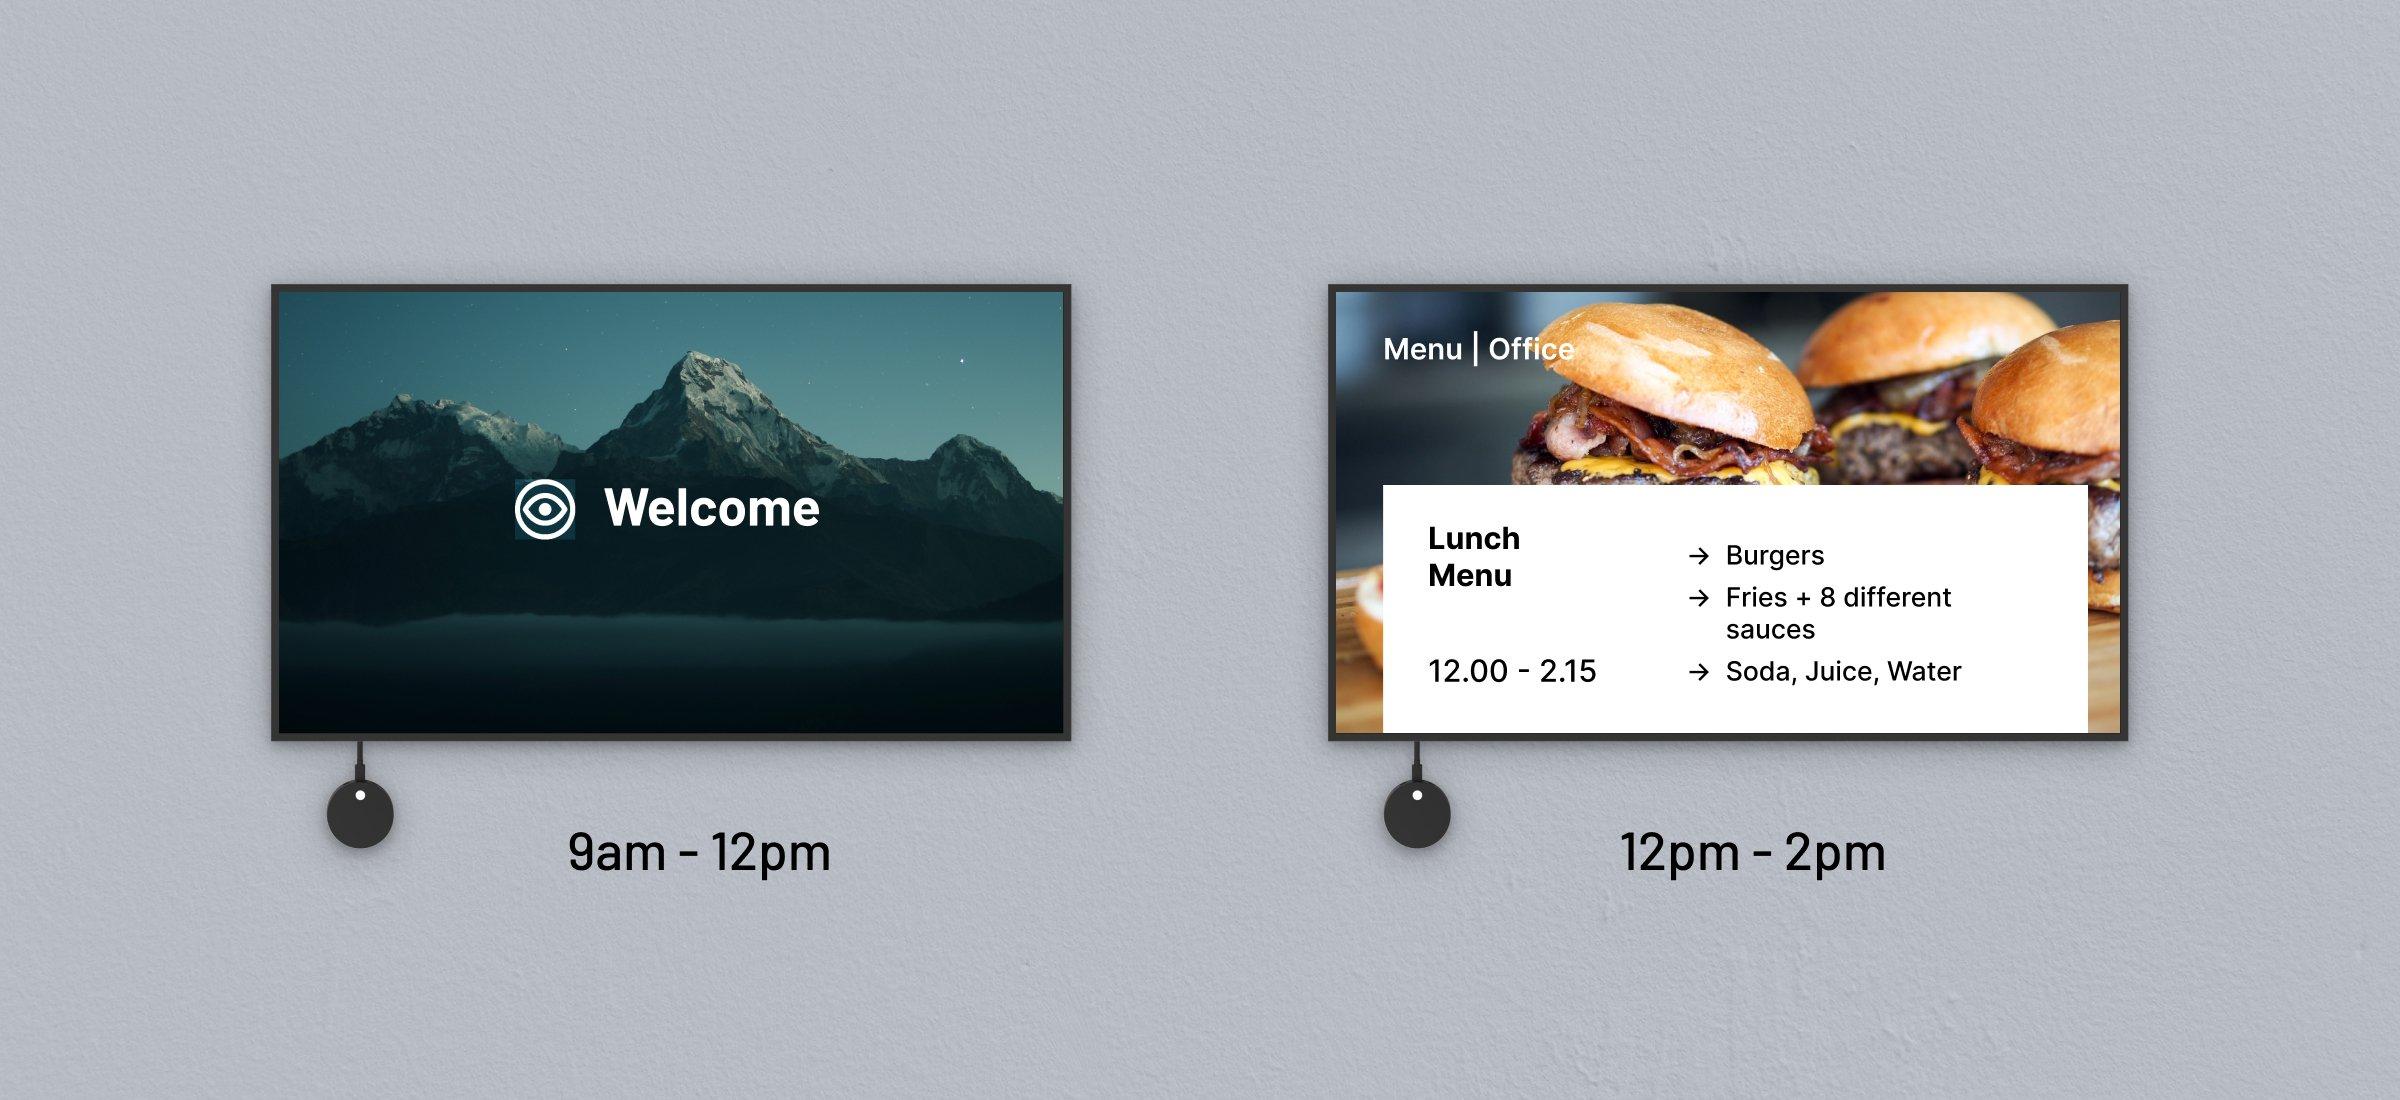 Jetzt verfügbar: zeitgesteuerte digitale Beschilderung und natives Airplay